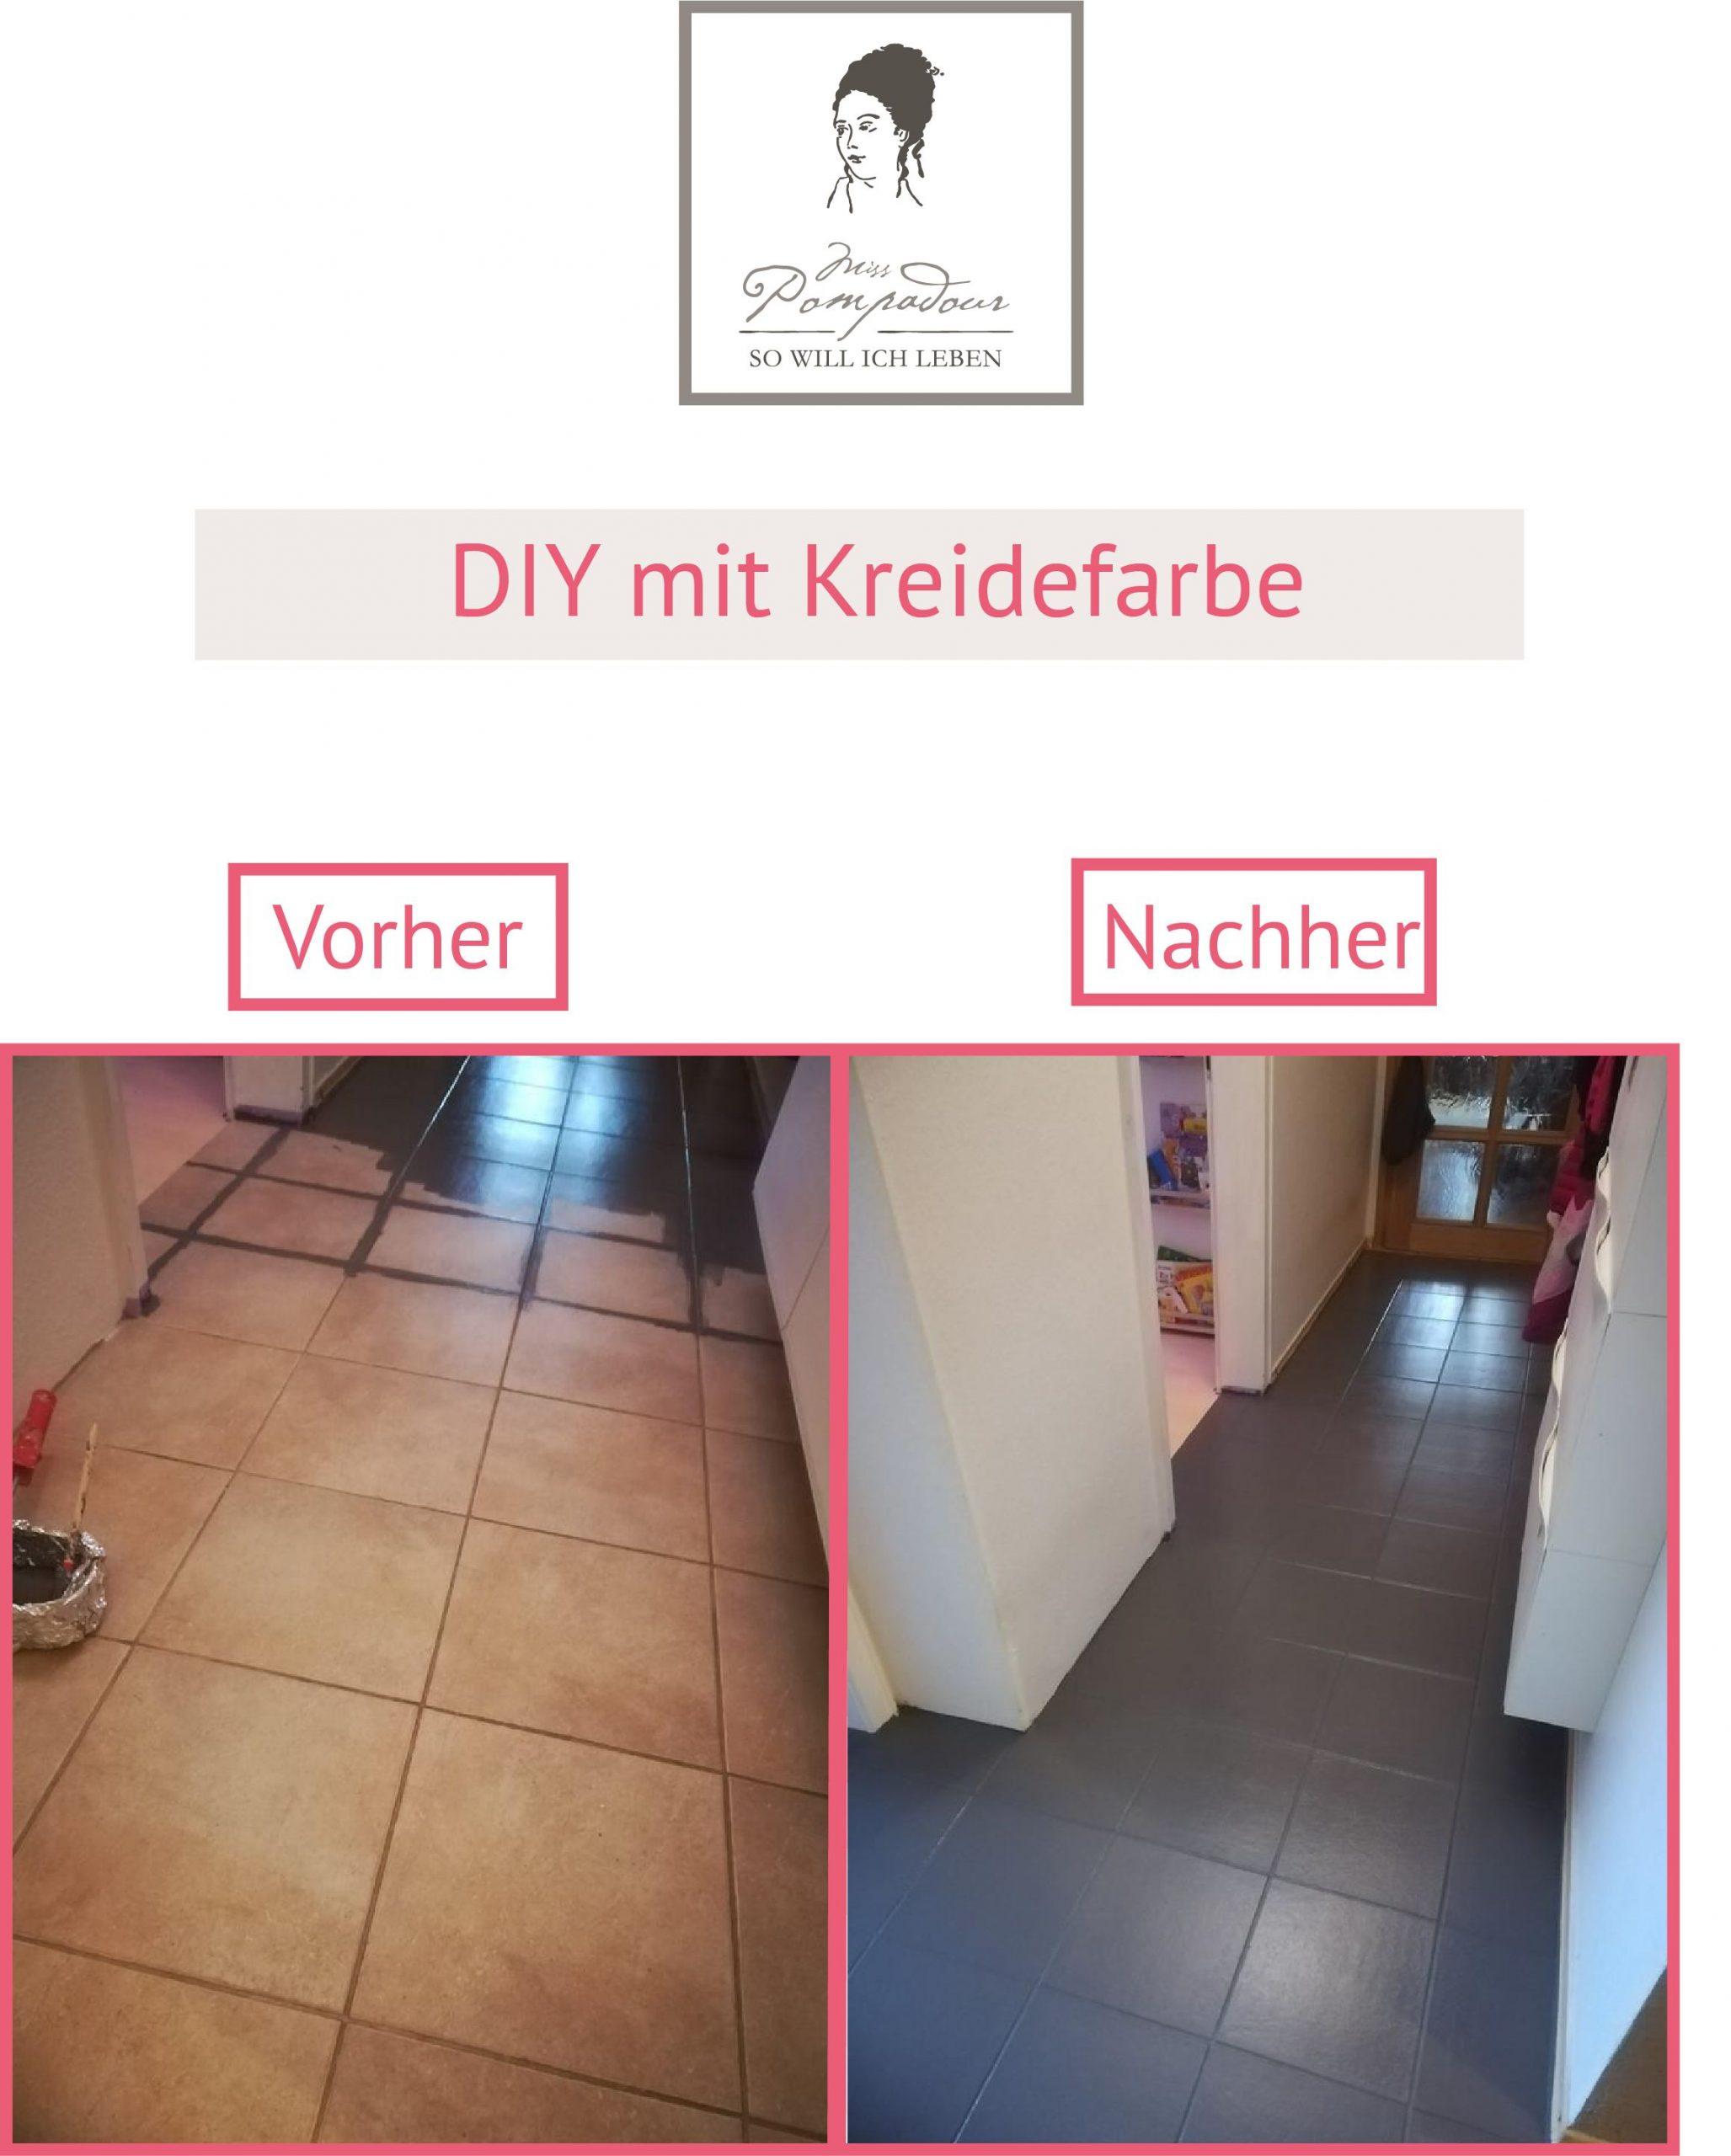 Full Size of Fliesen Streichen Mit Kreidefarbe Ideen Sammlung Bad Bodenfliesen Küche Wohnzimmer Bodenfliesen Streichen